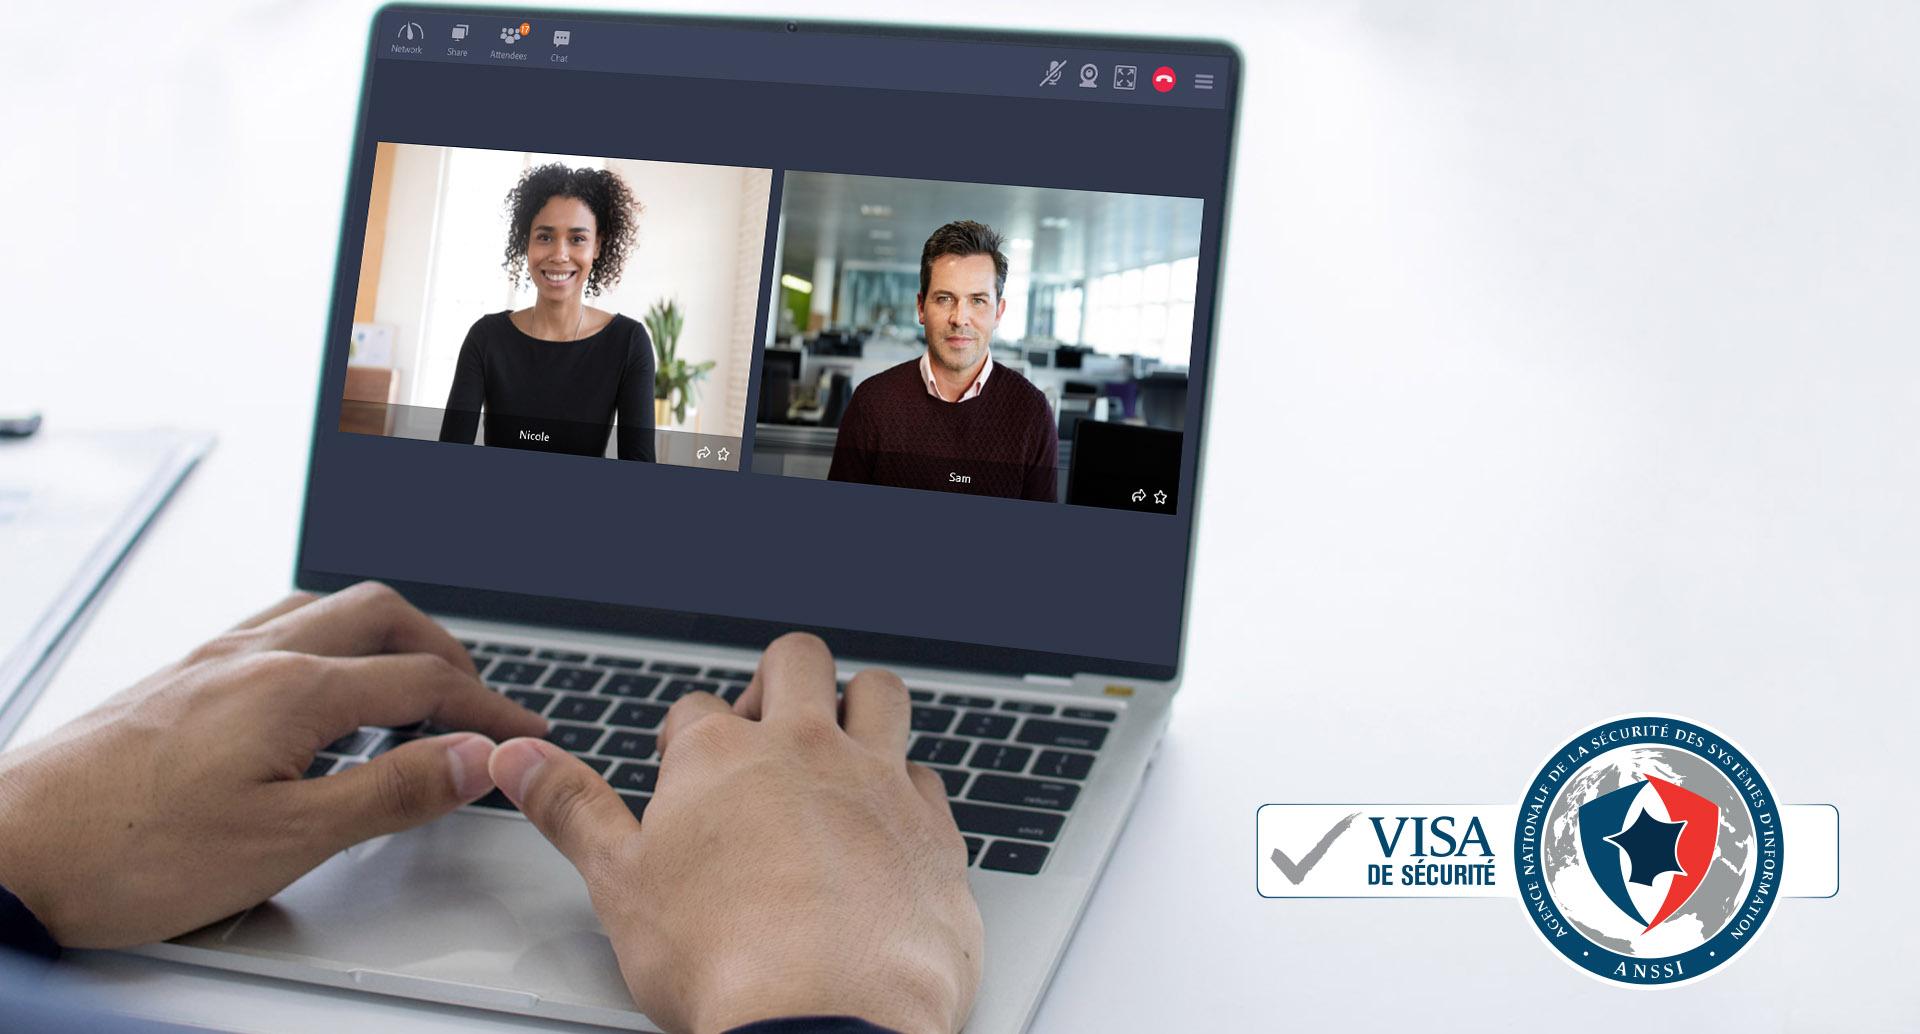 Tixeo reçoit à nouveau le visa de sécurité de l'ANSSI pour sa solution de visioconférence sécurisée